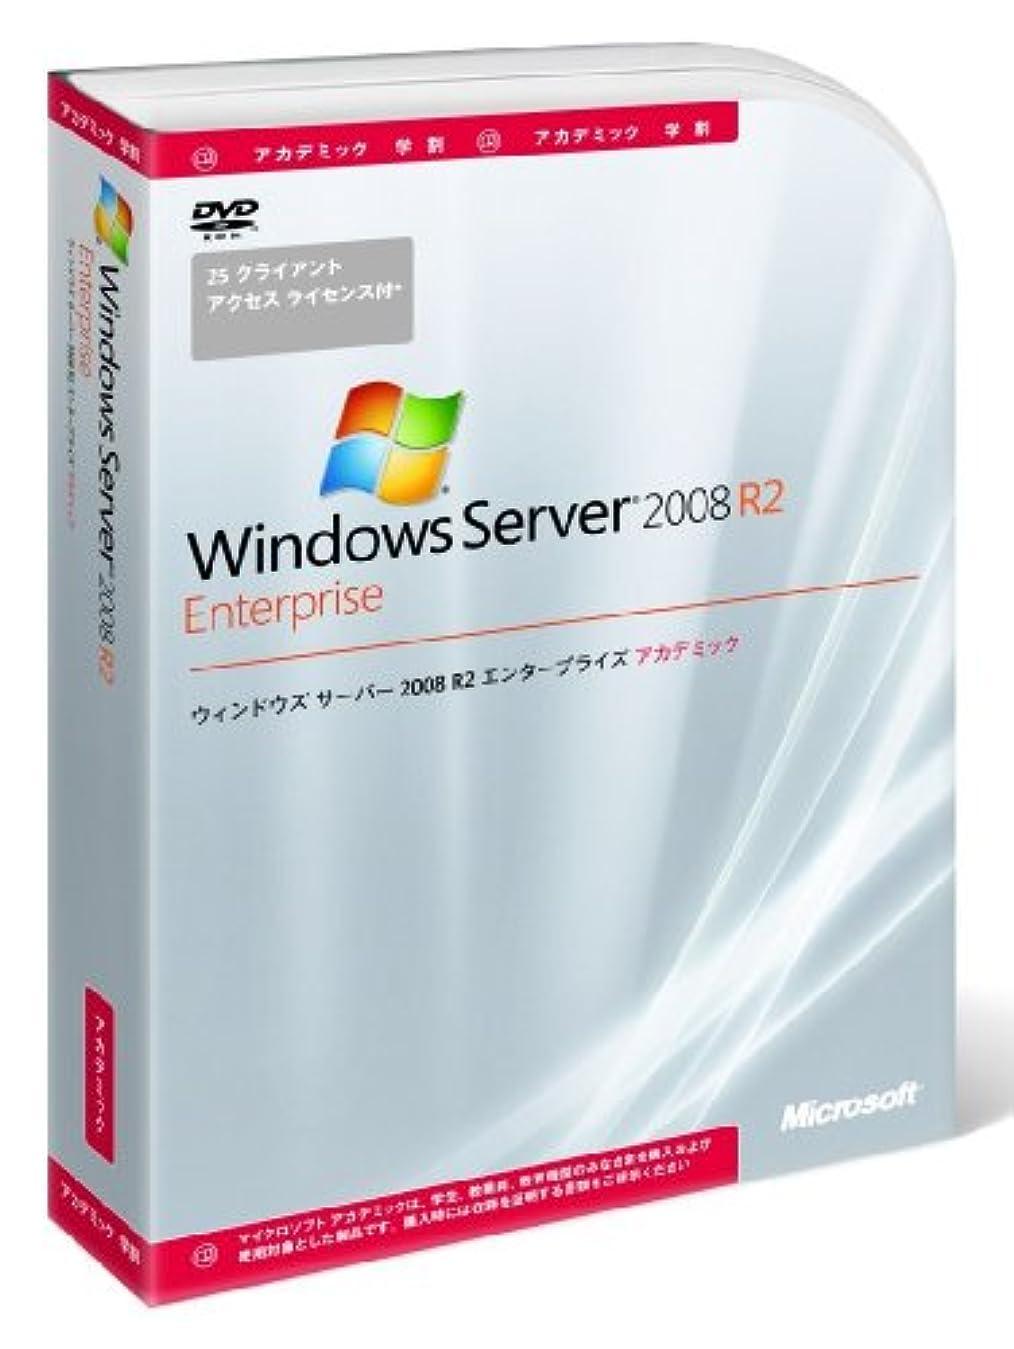 歌上回る好みMicrosoft Windows Server 2008 R2 Enterprise アカデミック (25 クライアント アクセス ライセンス付) SP1